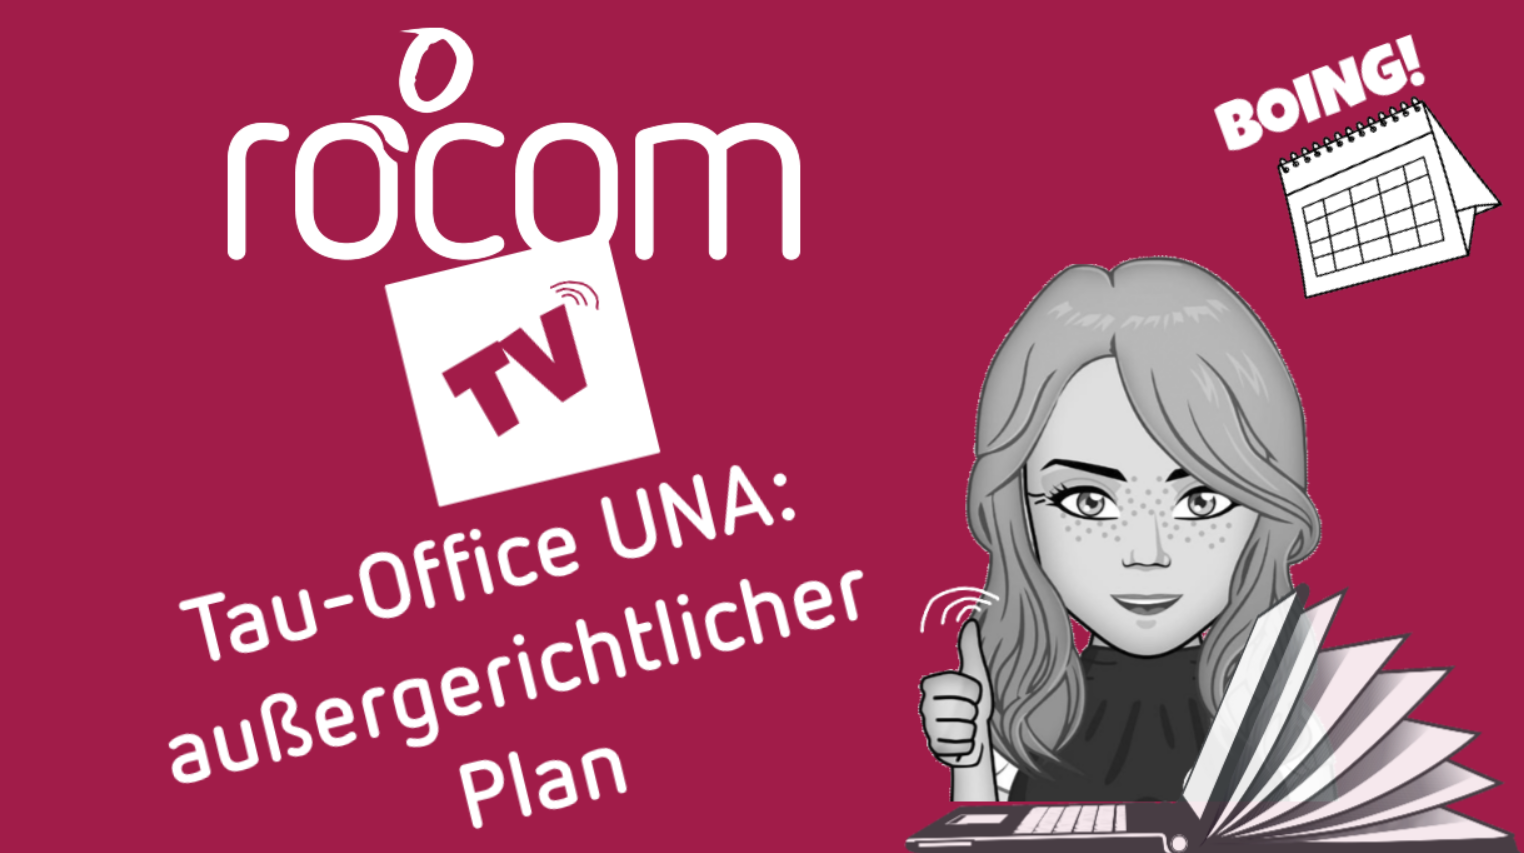 Screenshot-Video-Tau-Office UNA- aussergerichtlicher Plan